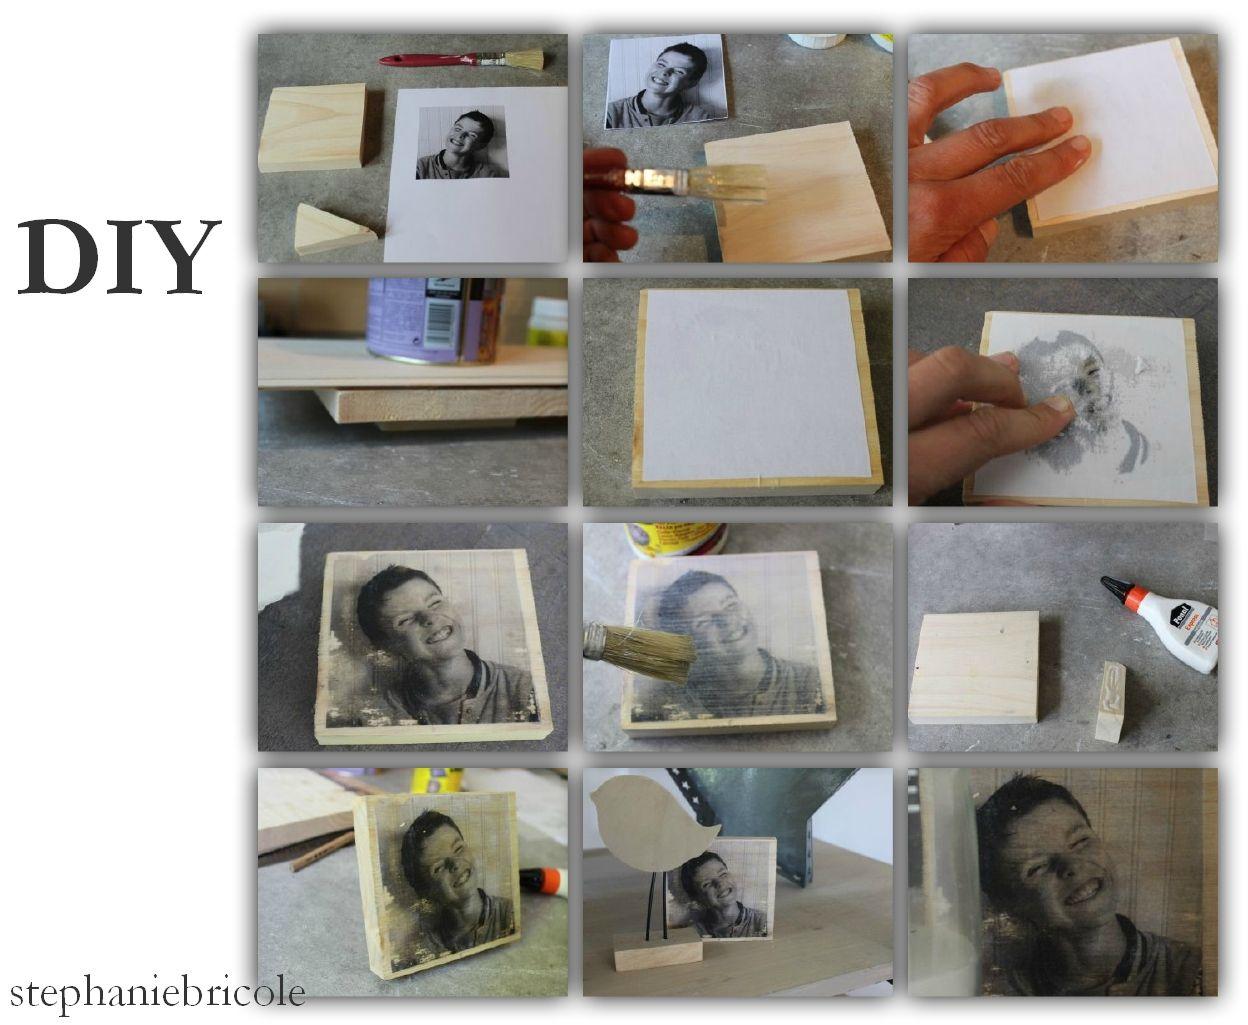 diy déco - transférer une photo sur du bois | transfert de photo sur